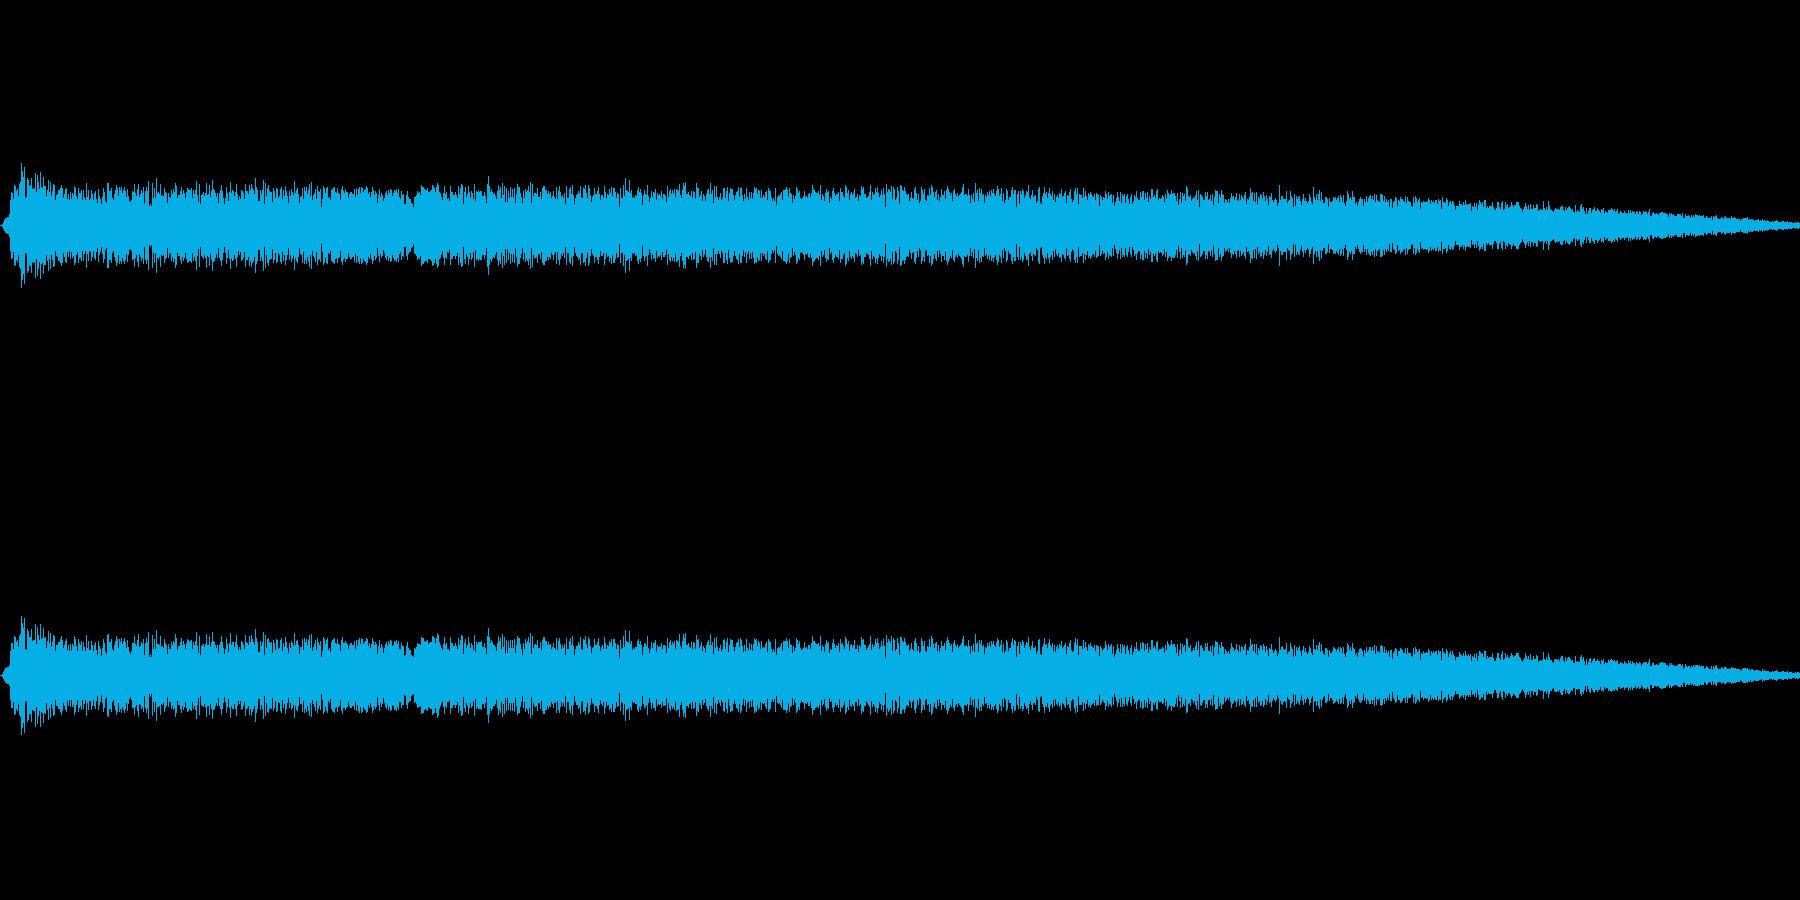 ショット・ビーム発射音#2の再生済みの波形